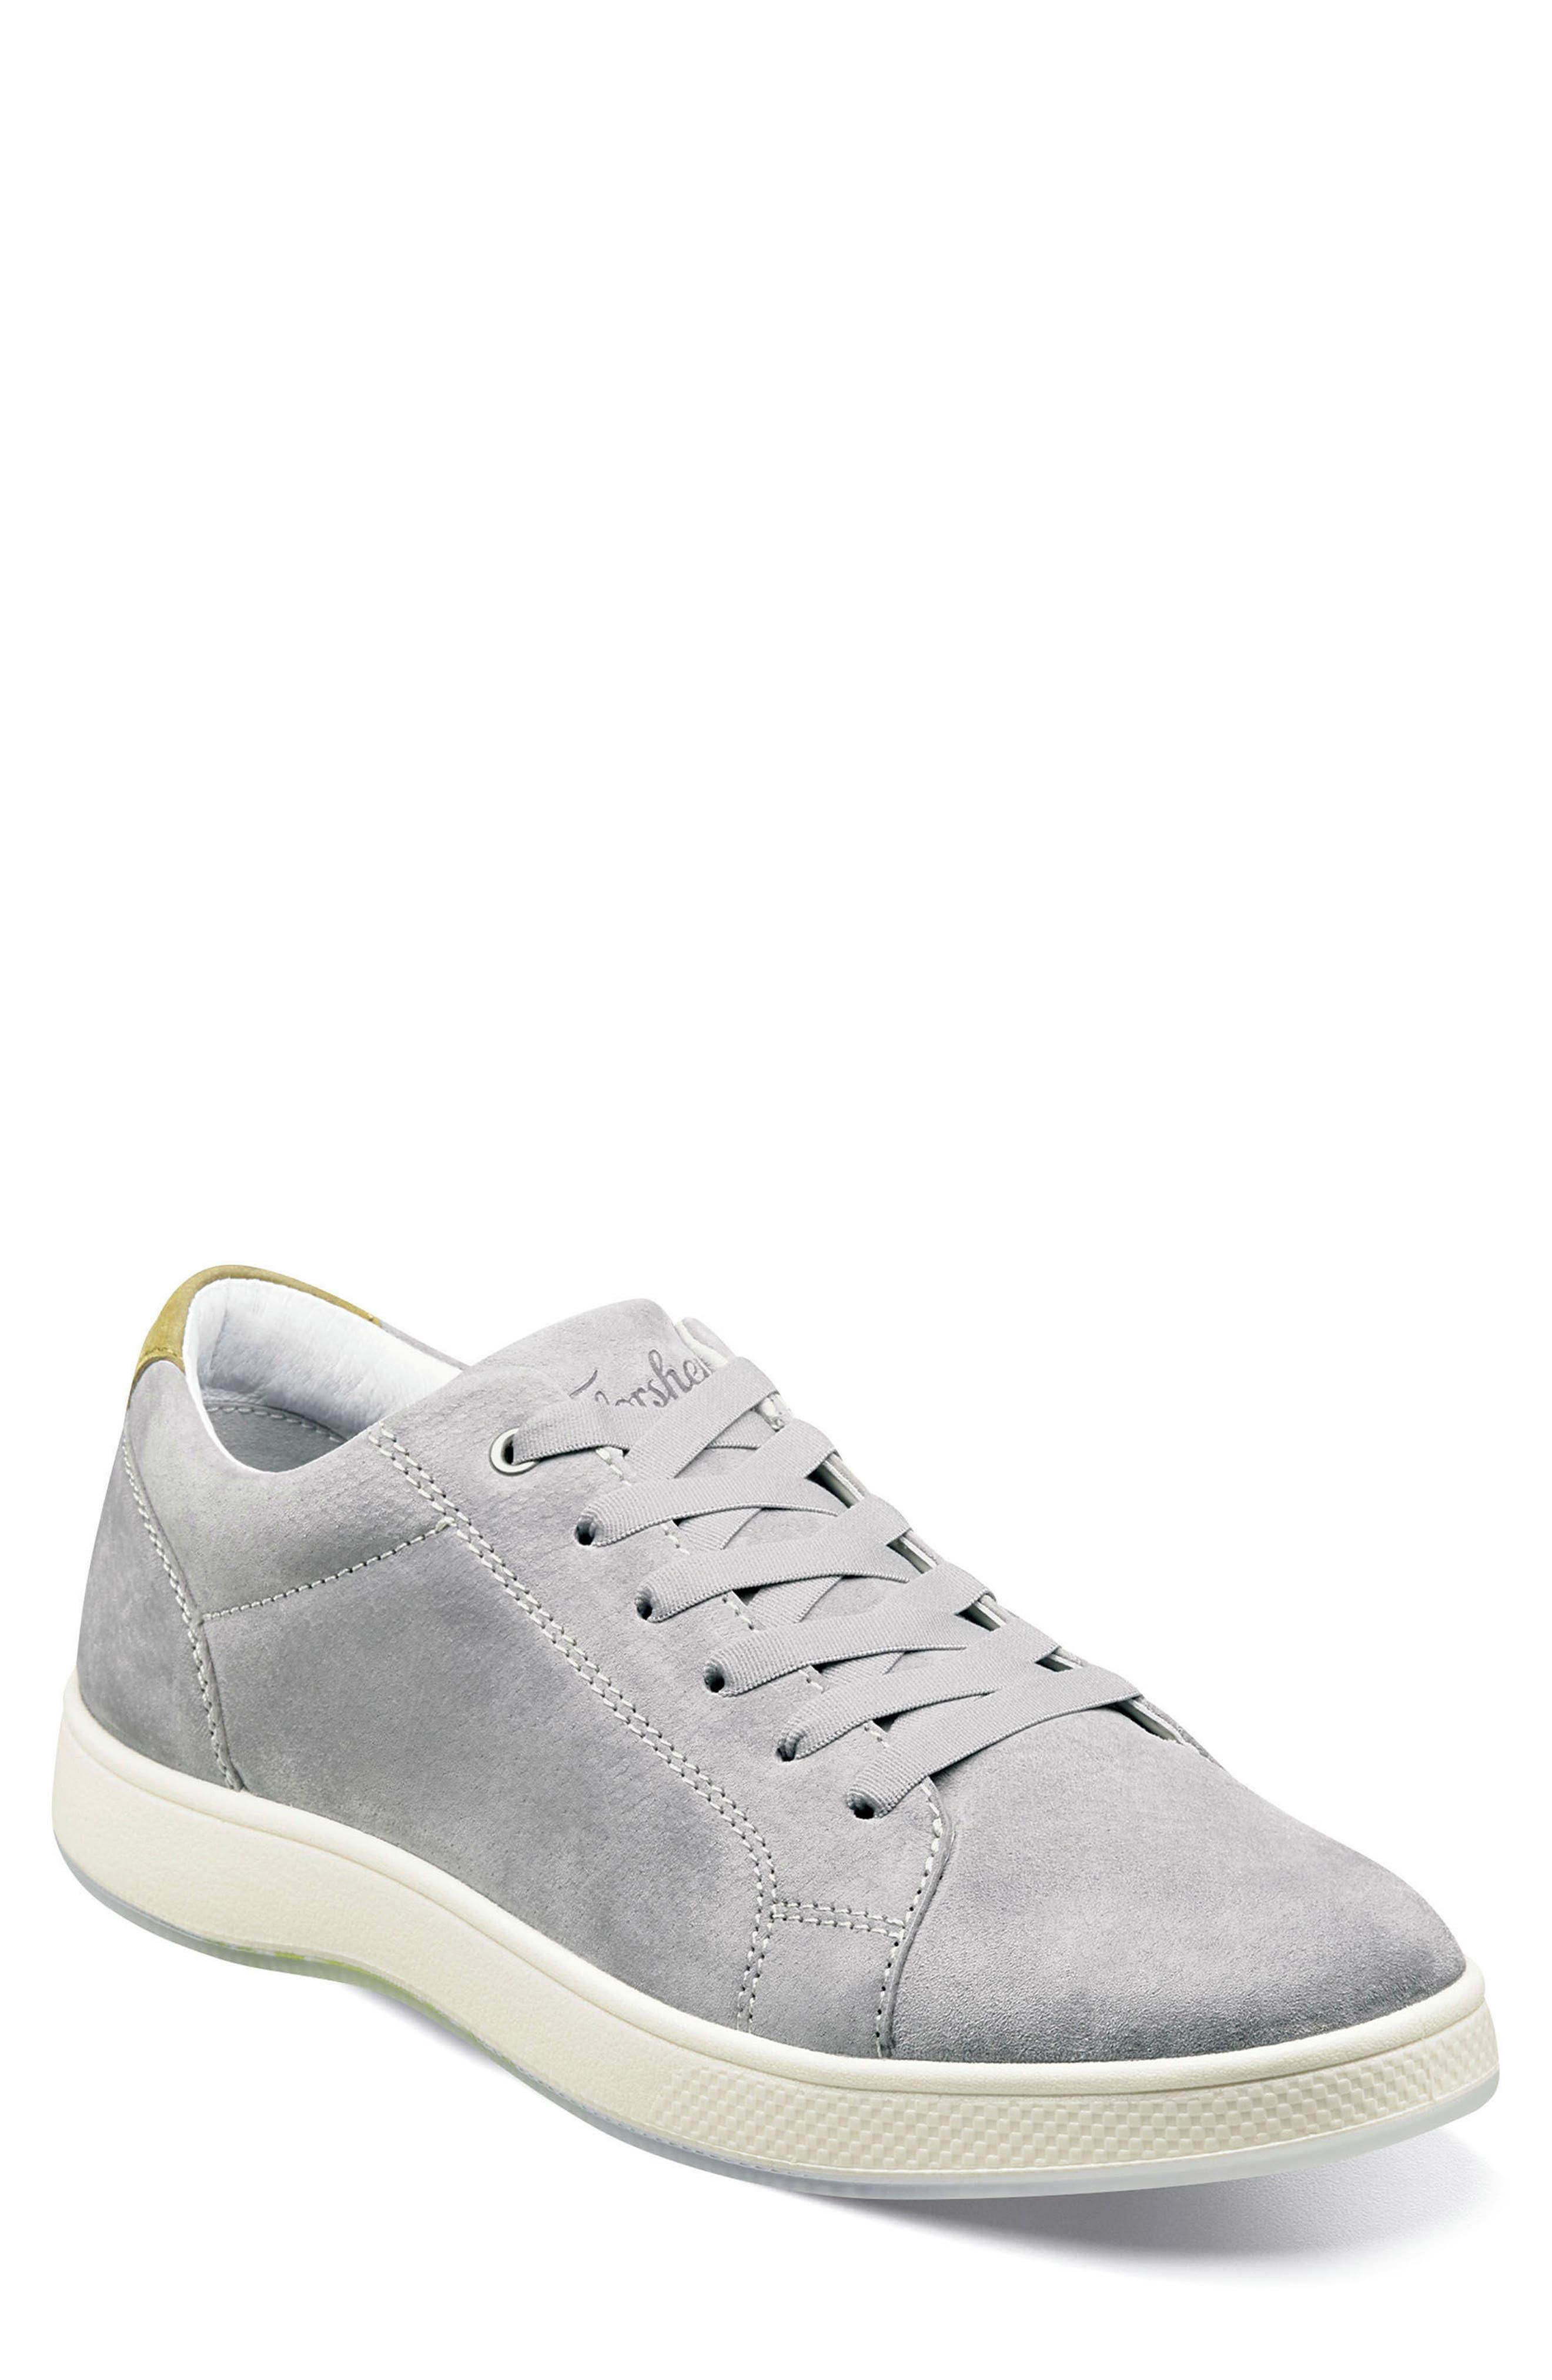 Alternate Image 1 Selected - Florsheim Edge Low Top Sneaker (Men)